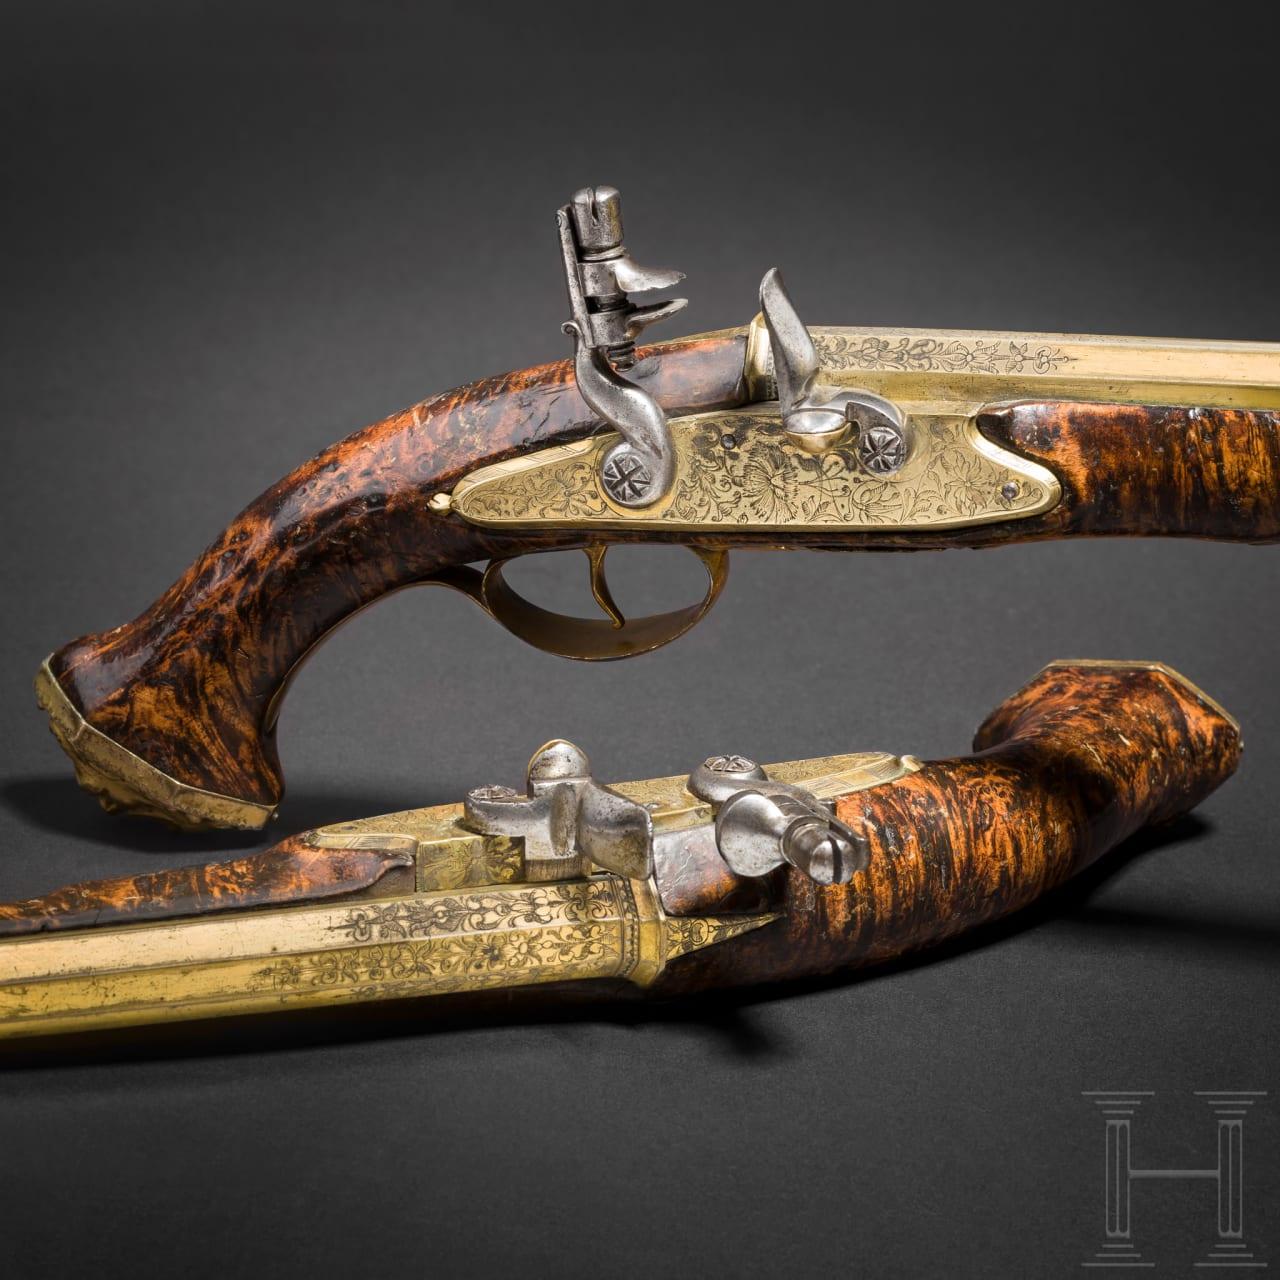 Ein extrem seltenes Paar Steinschlosspistolen mit Messingläufen, Felix Werder, Zürich, um 1660 und später